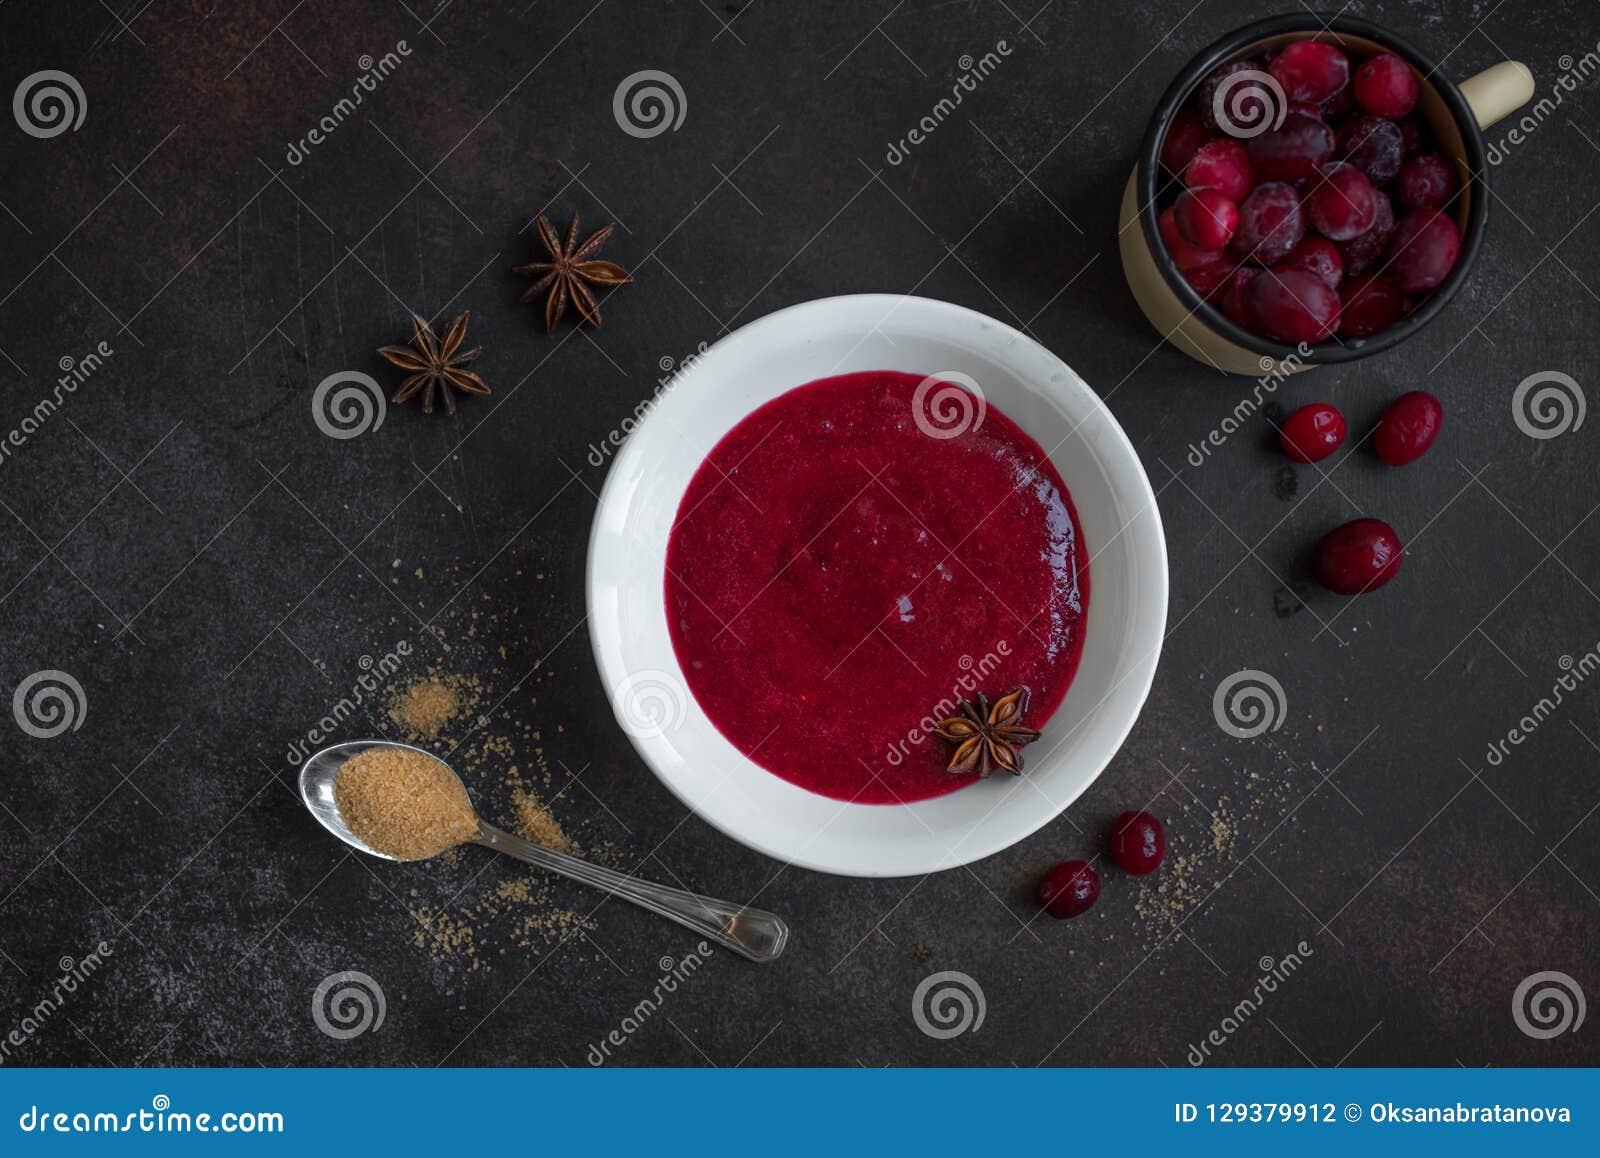 Cranberry Sauce Relish